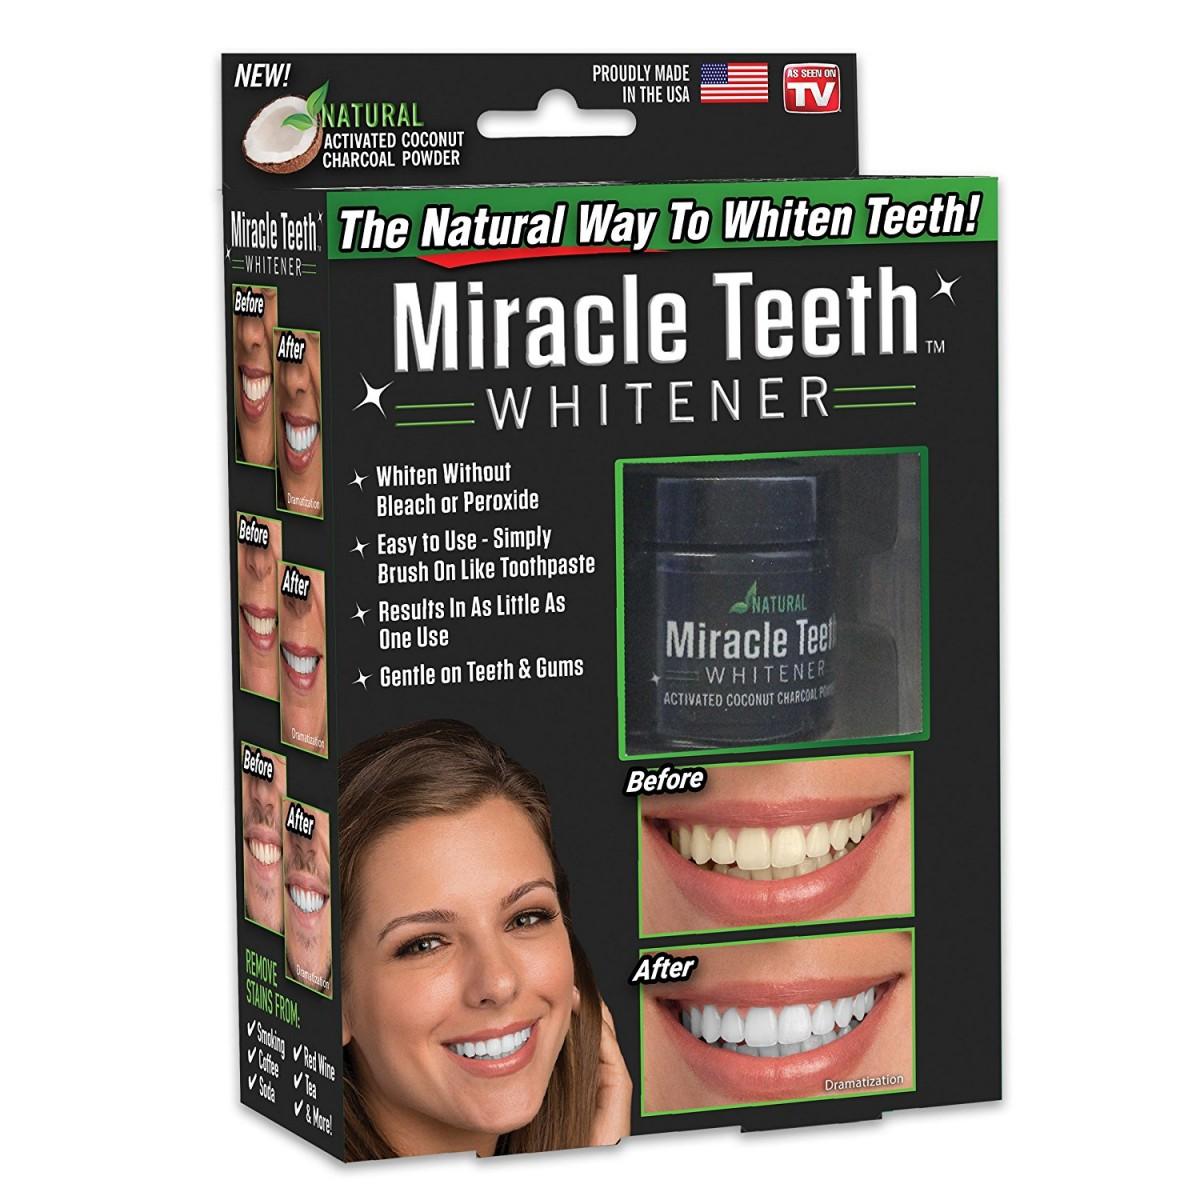 Miracle Teeth - přírodní uhlí pro bělení zubů